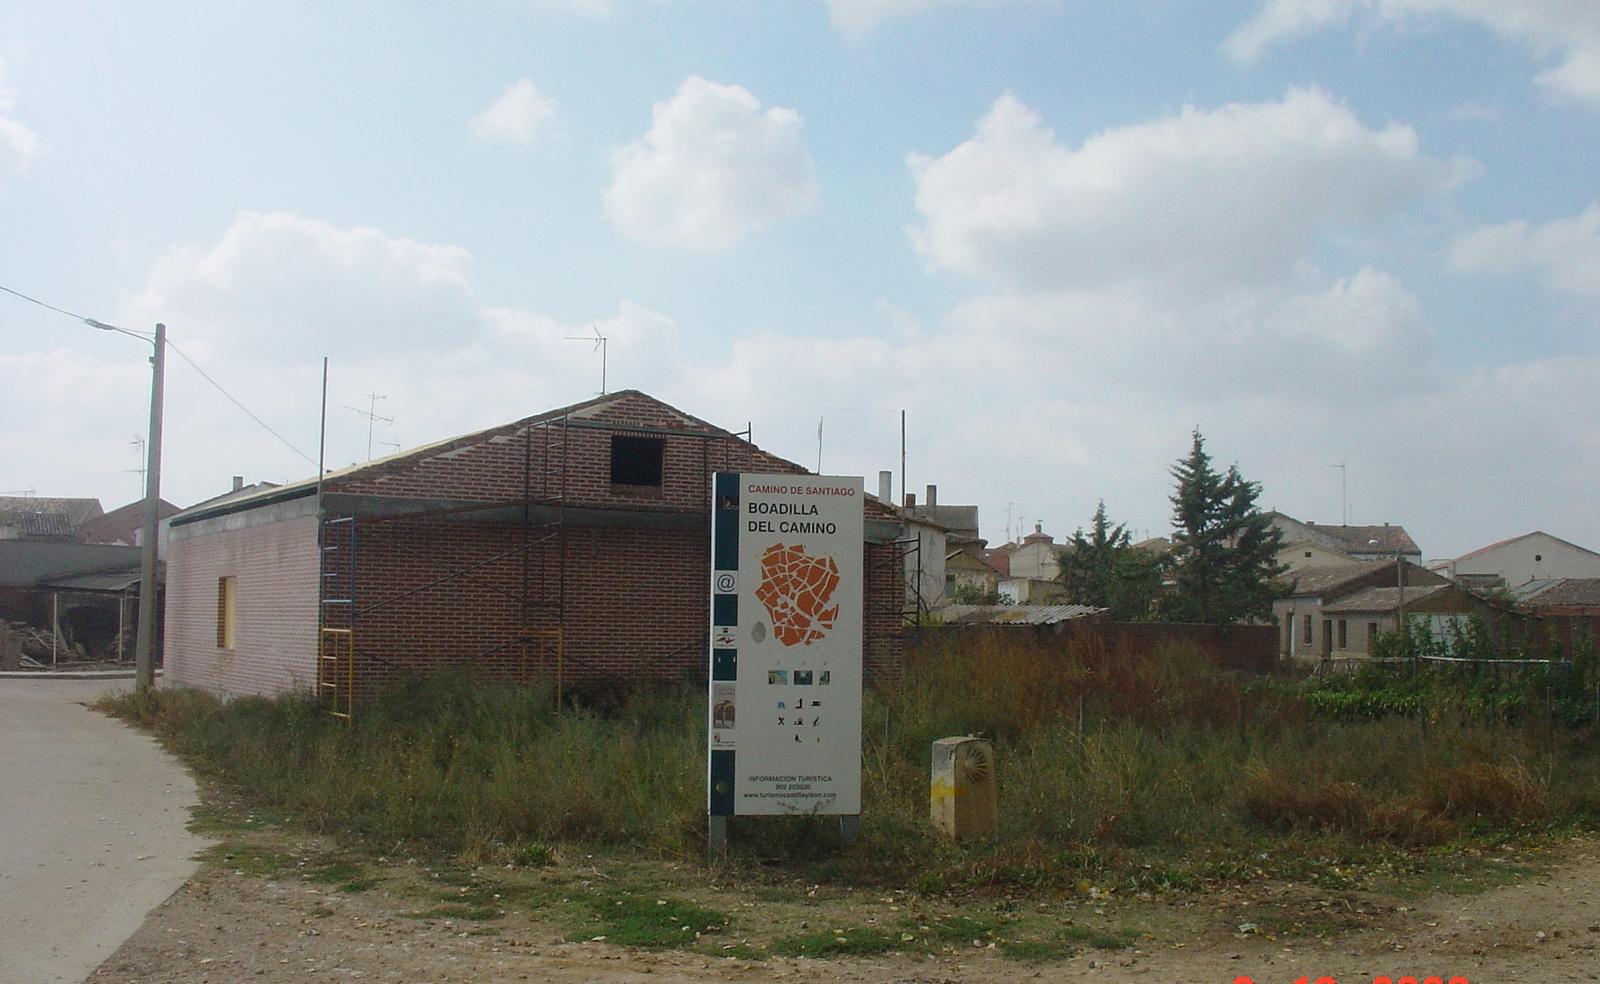 der Zielort der Etappe Bodilla del Camino